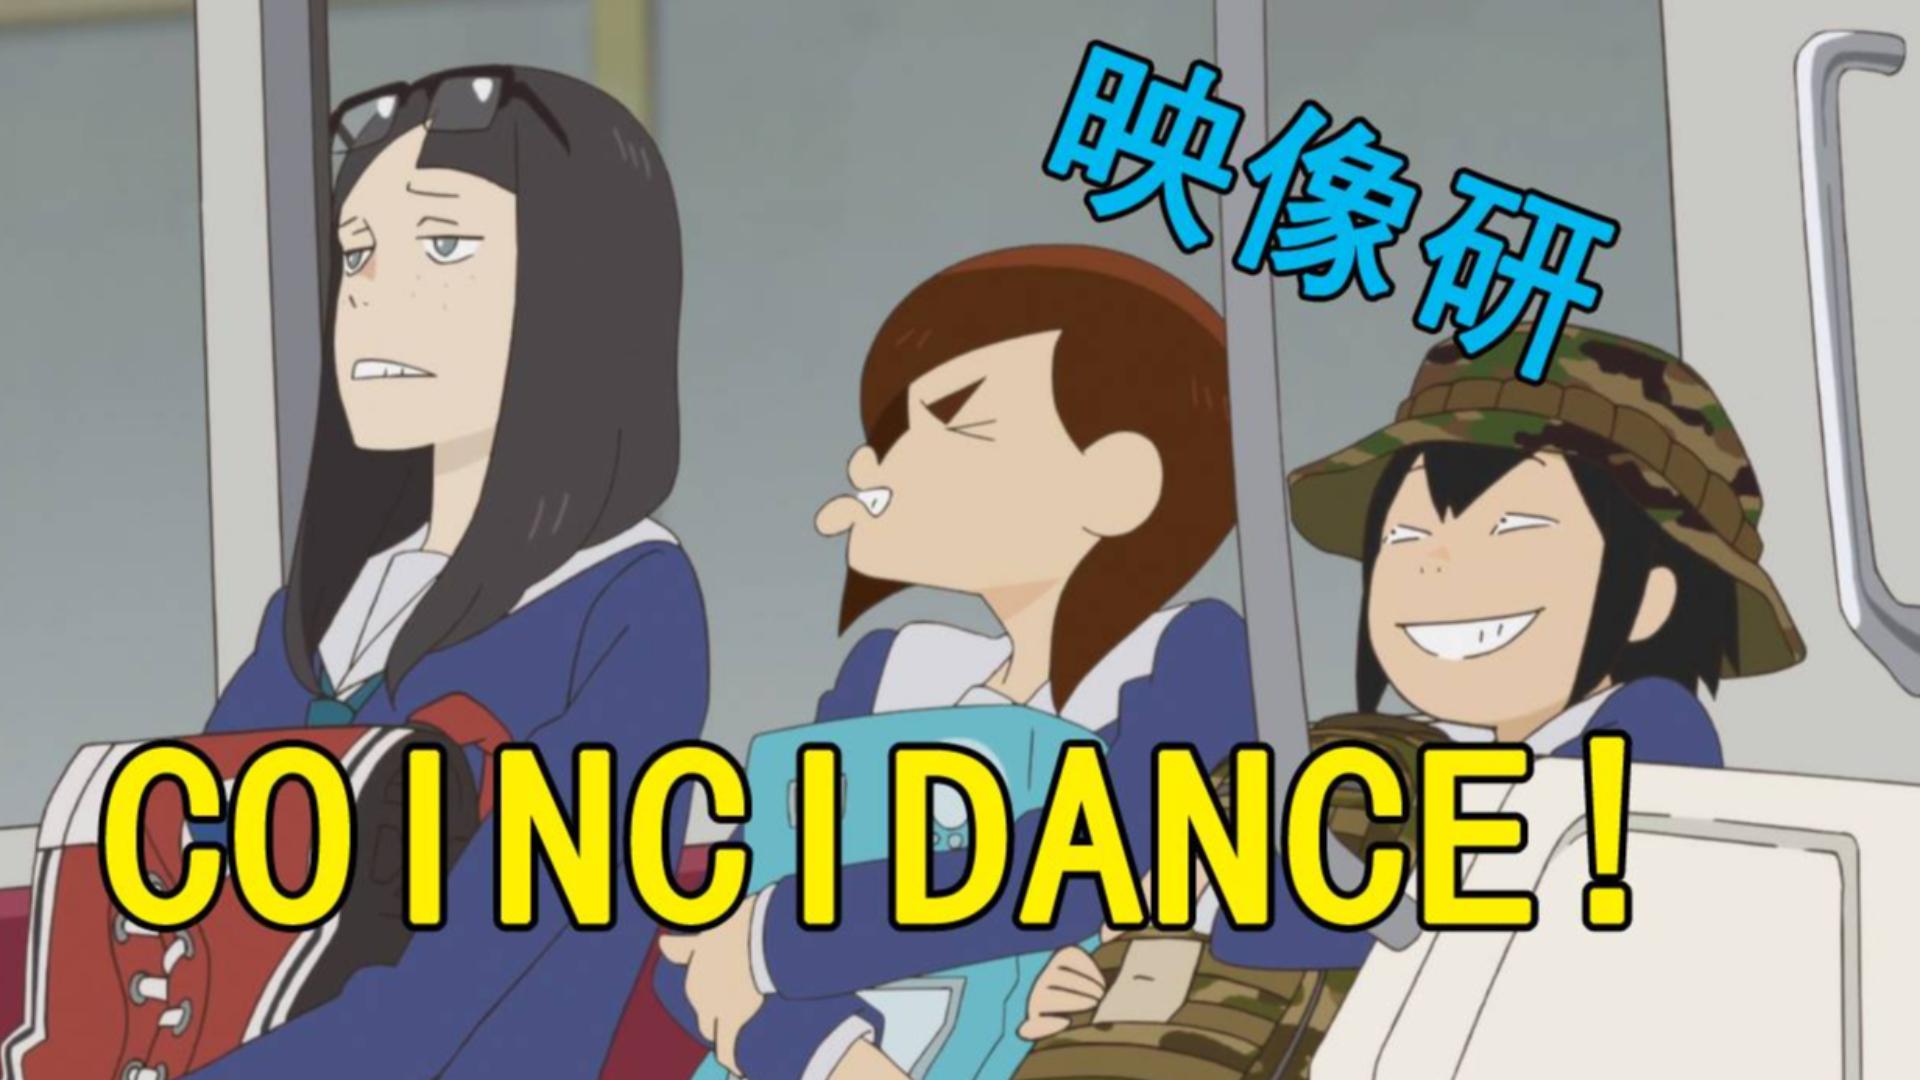 看动画不如跳舞!当映像研三人组跳起抖肩舞coincidance会怎么样?